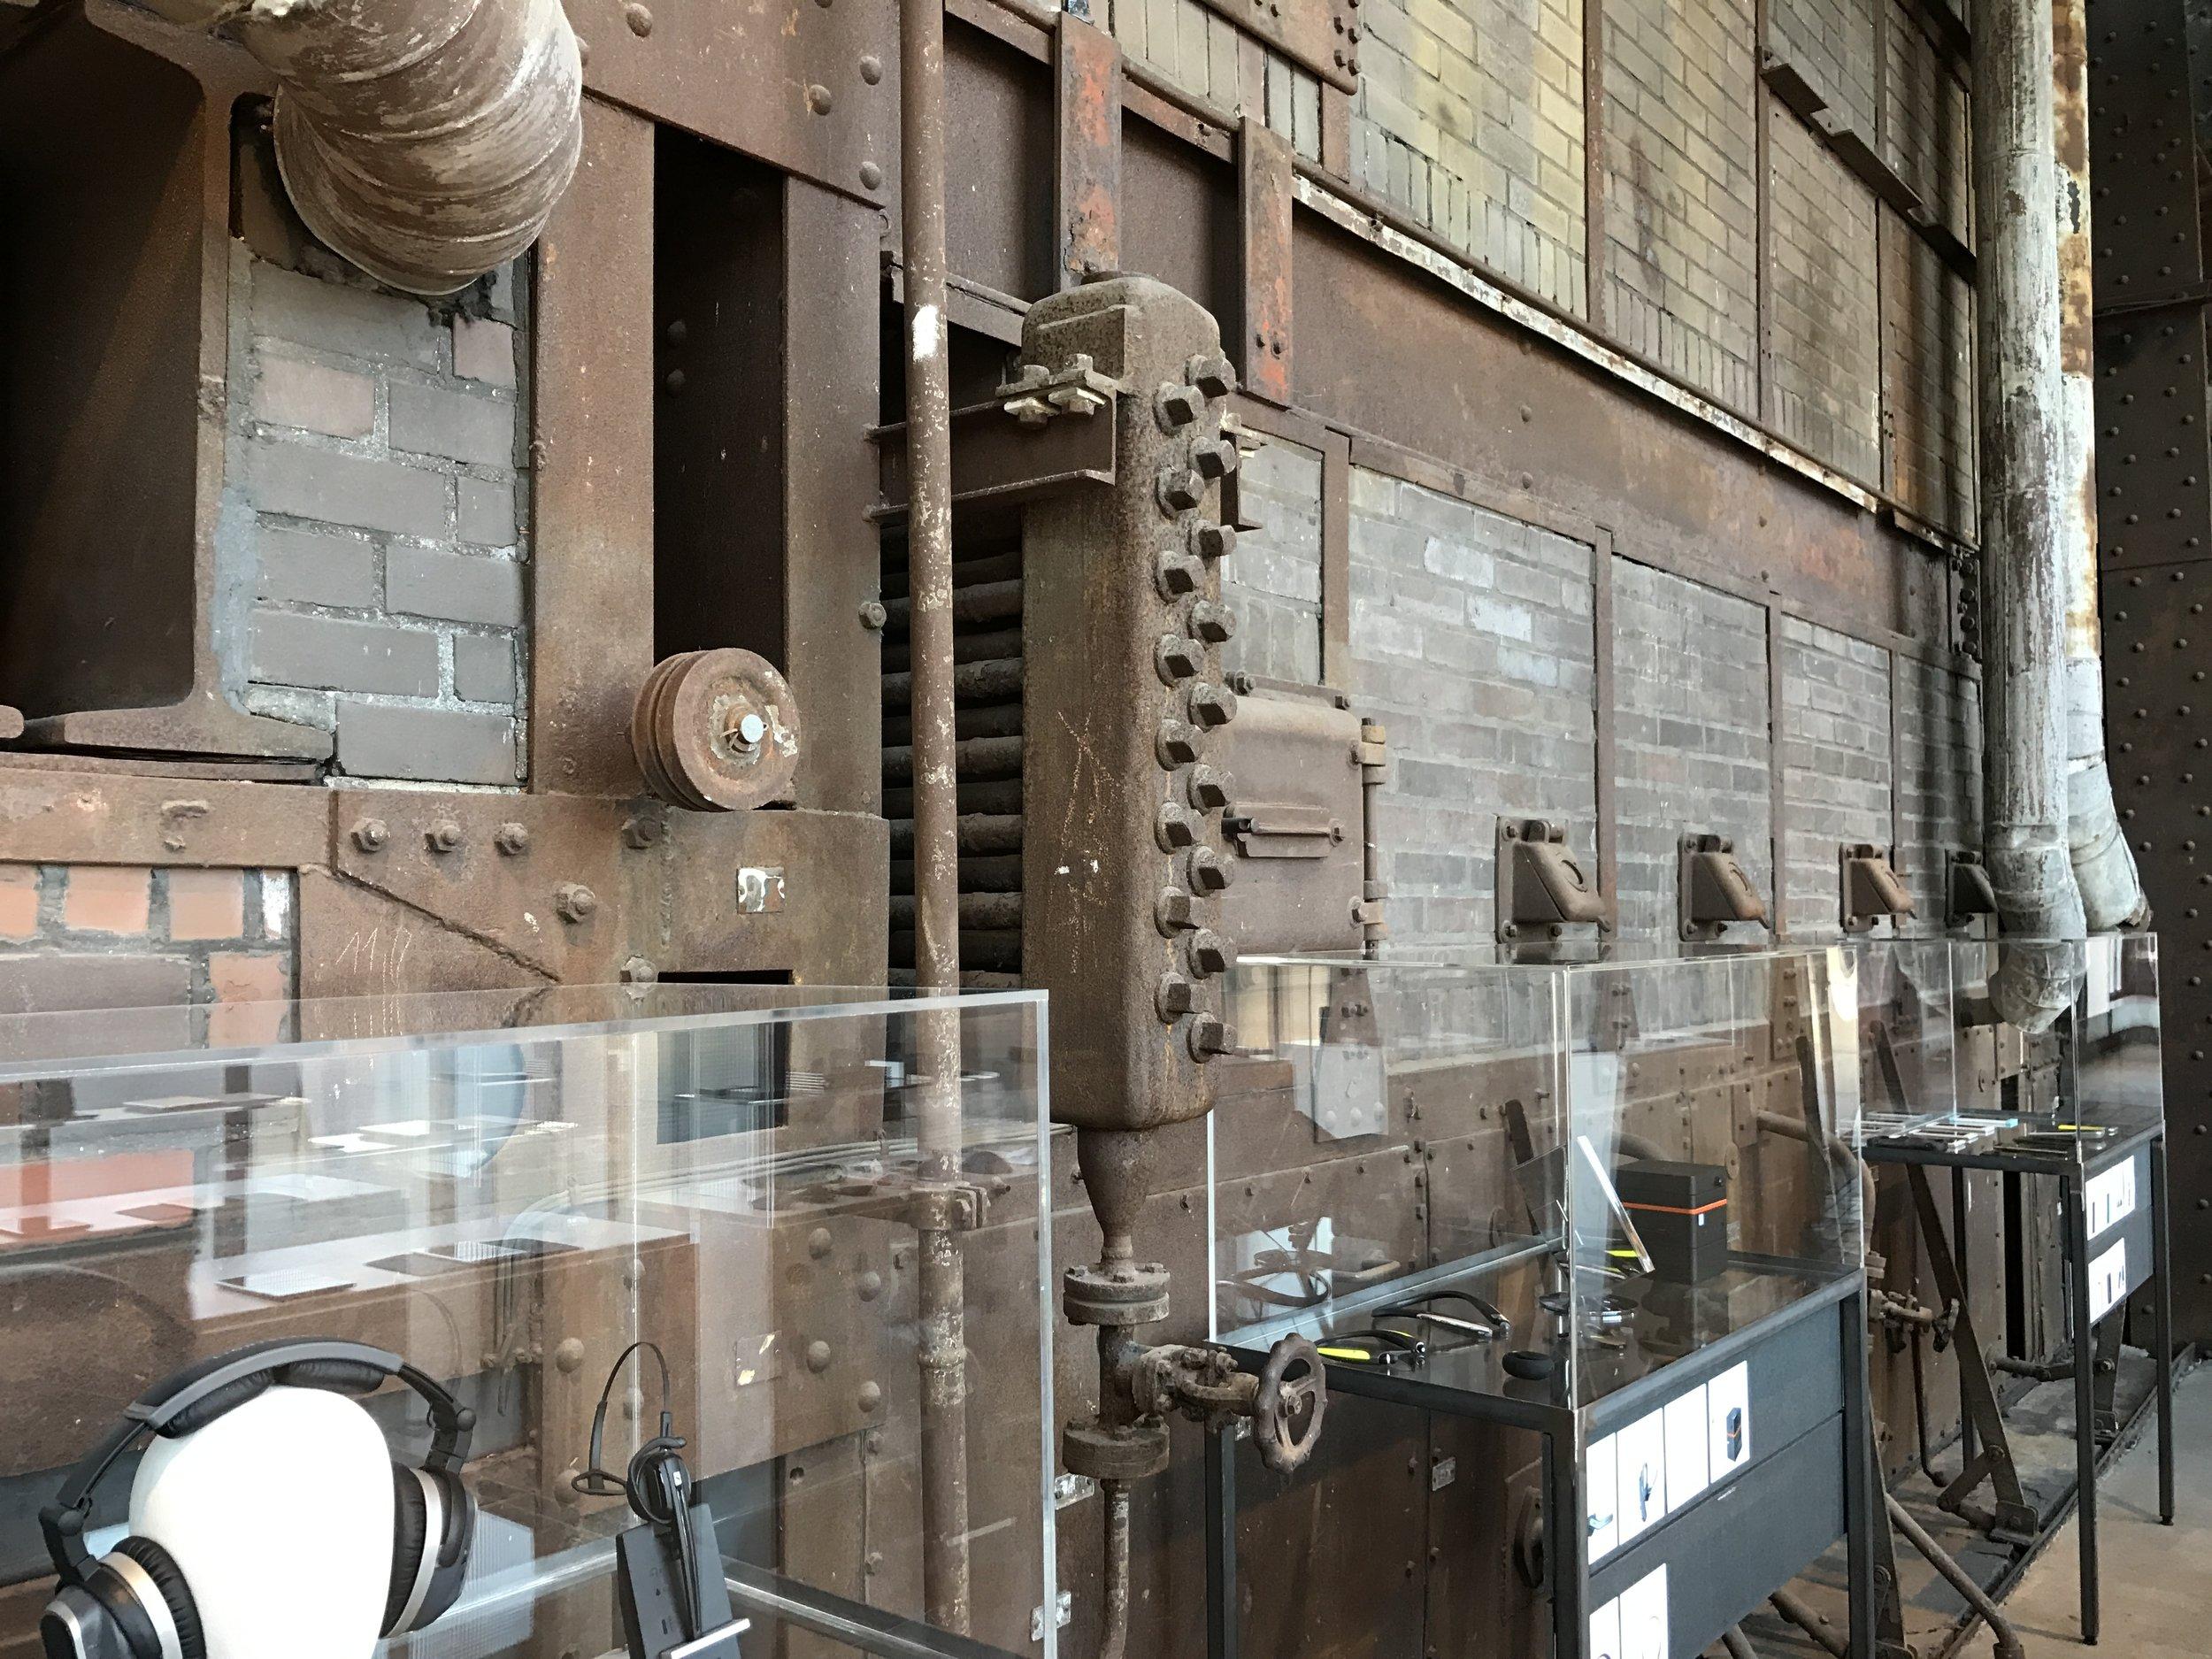 Reddot Design Museum, Zollverein, Essen, De Museumpodcast